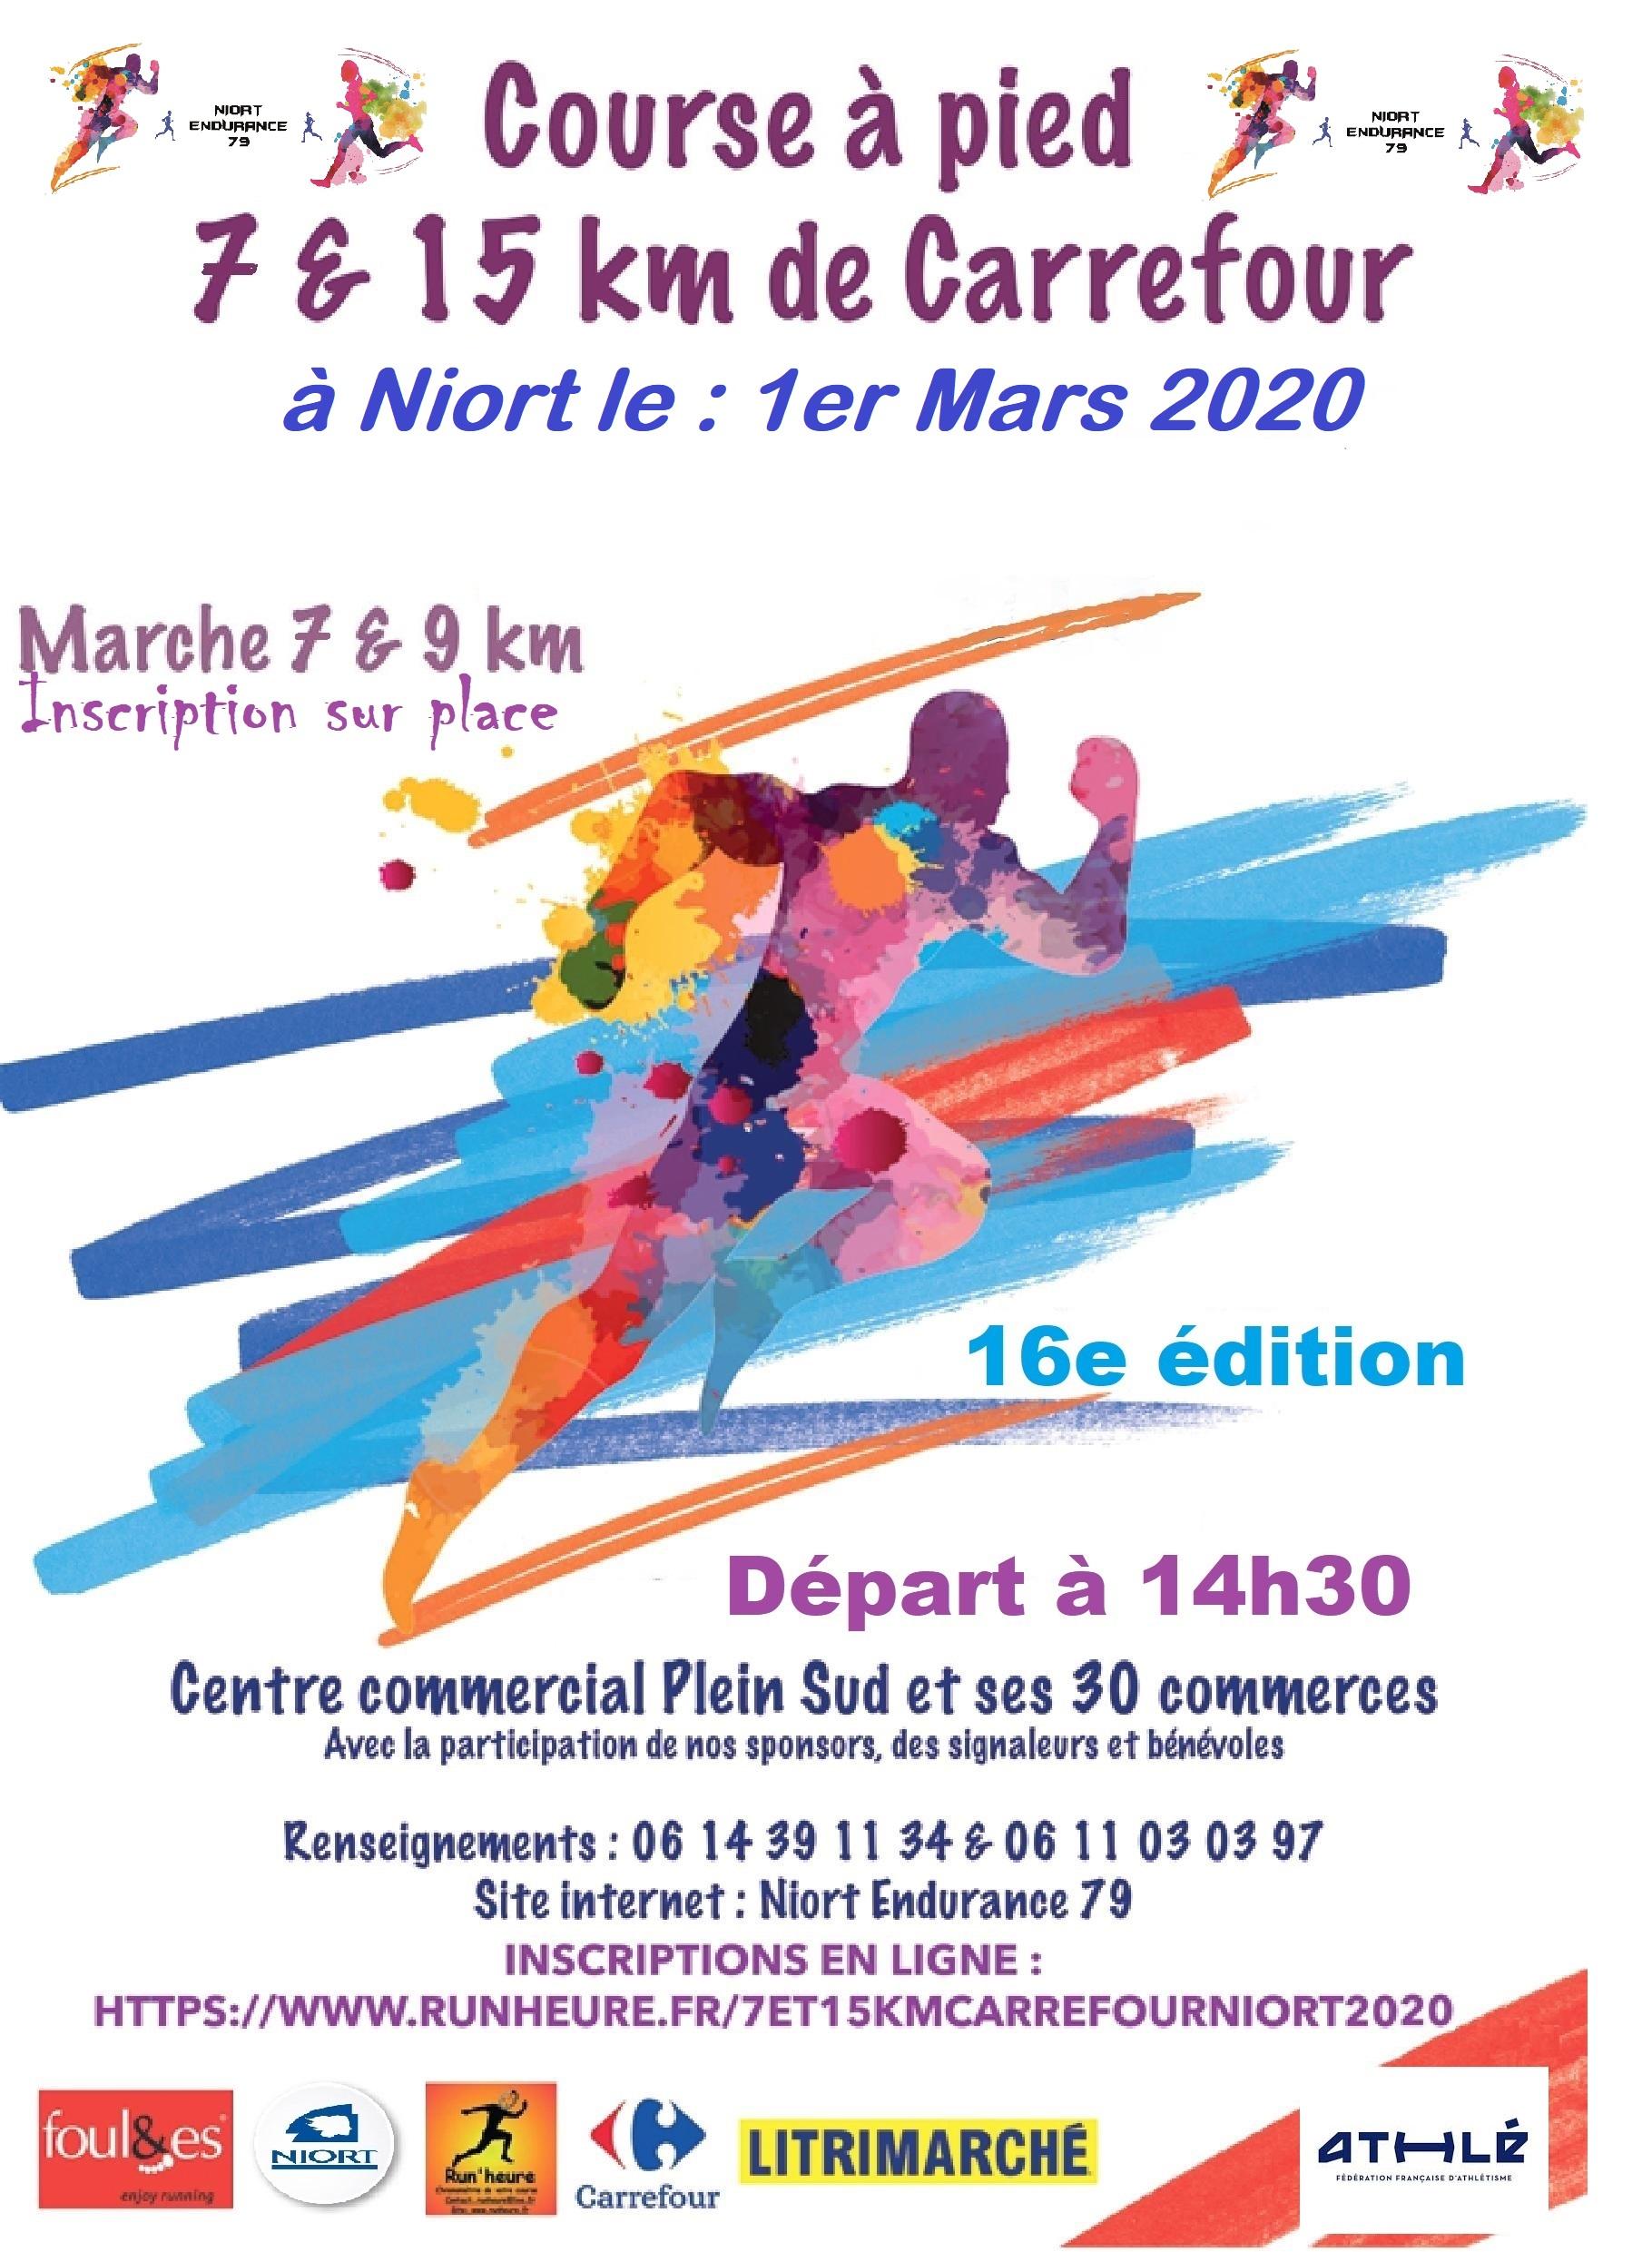 Calendrier Course Hors Stade 2020.Resultats Photos Courses A Pied Endurance 10 Km